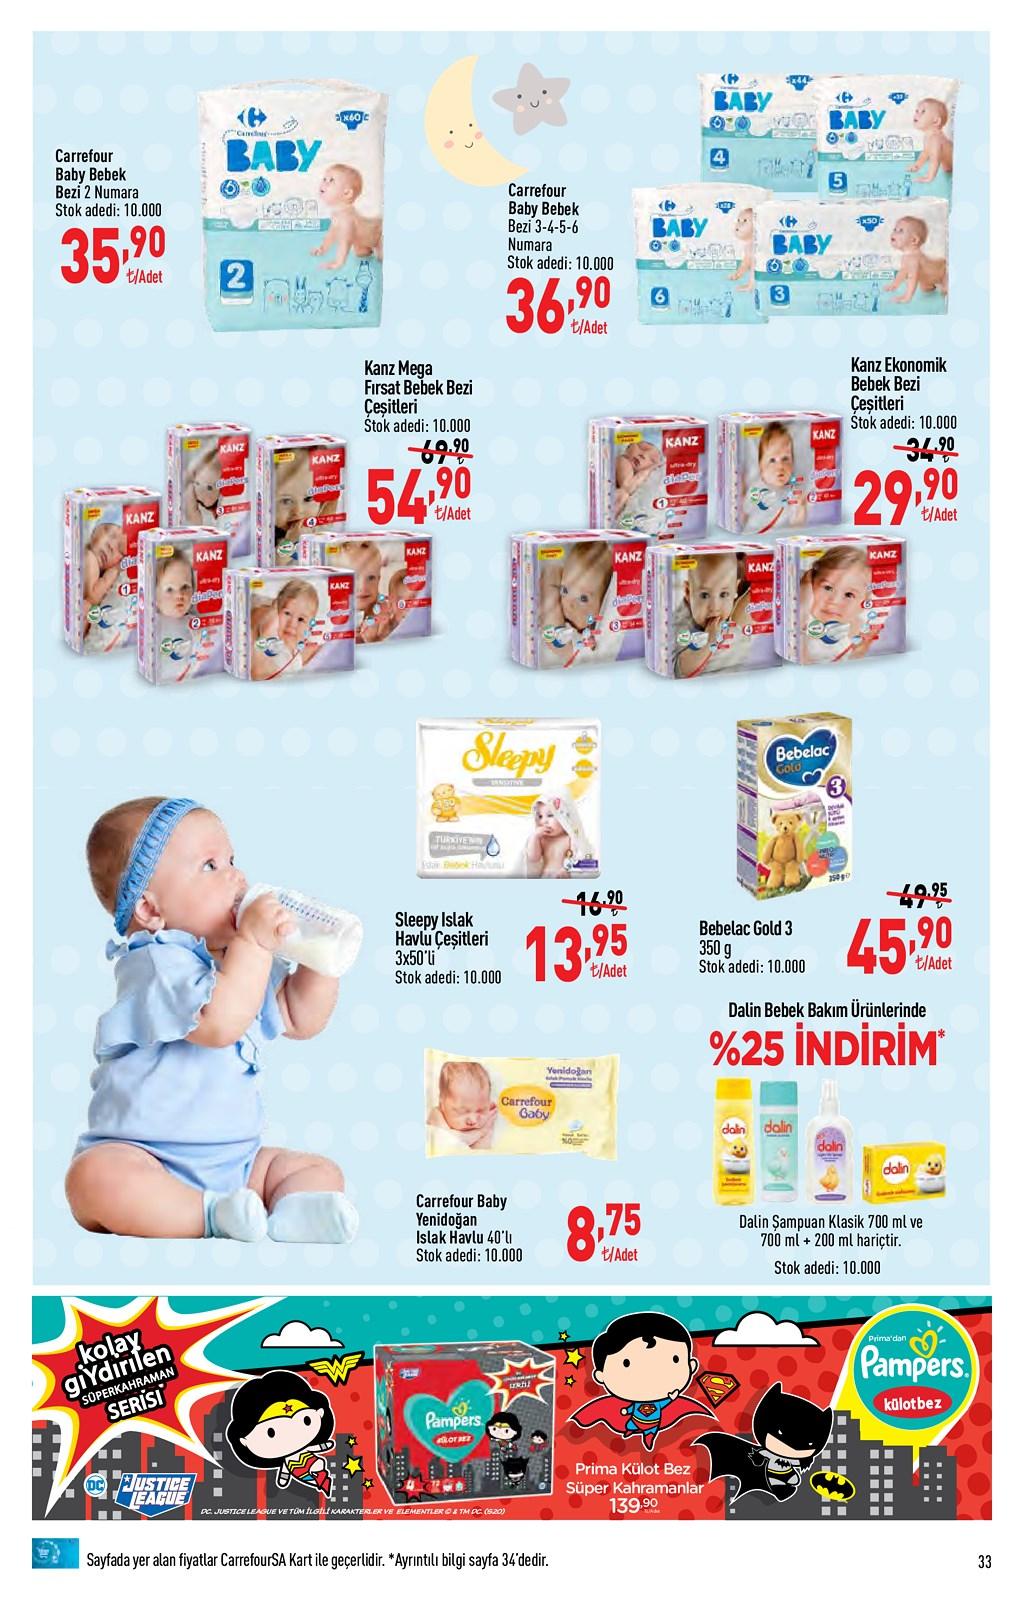 01.06.2021 CarrefourSA broşürü 33. sayfa